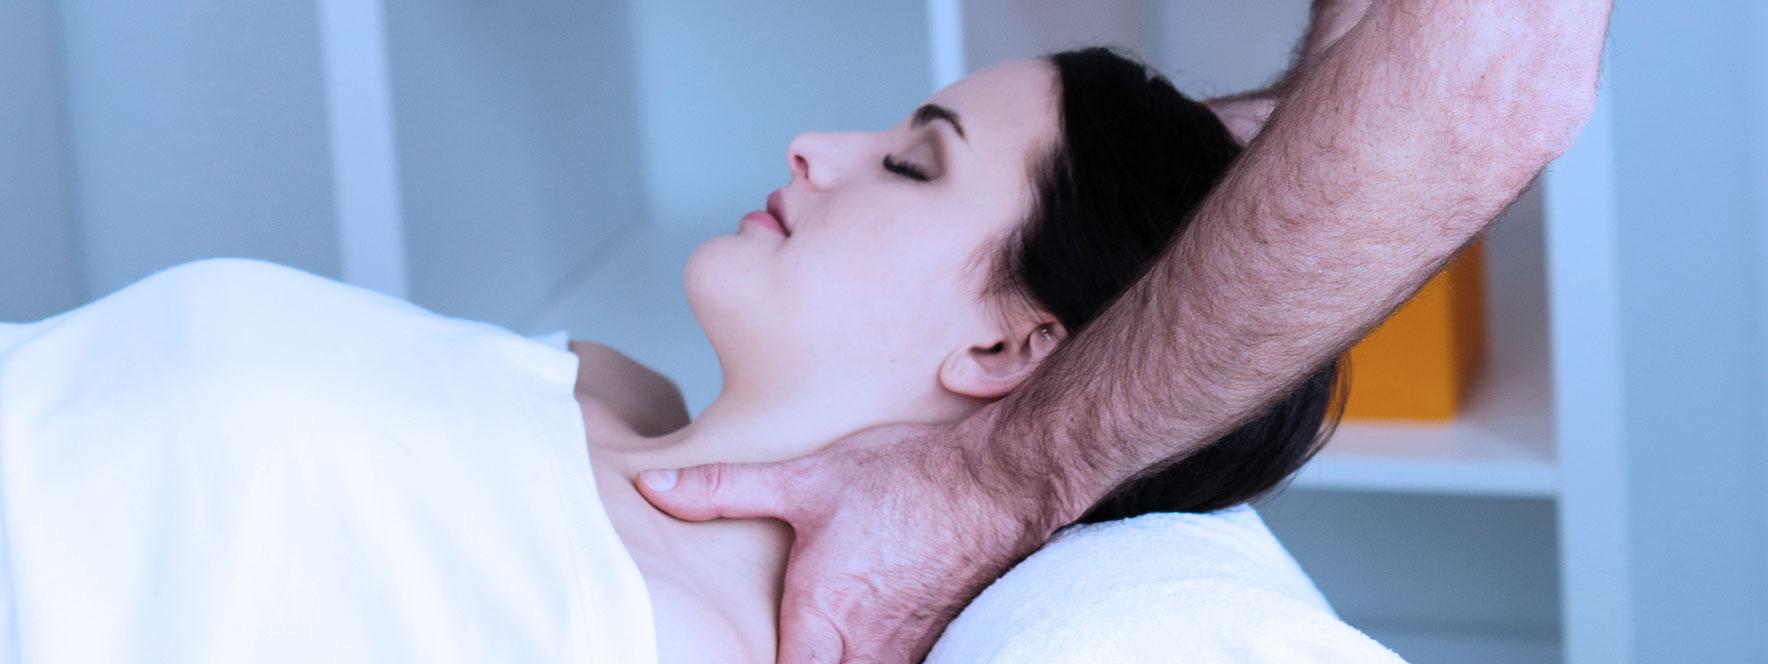 Le massage thérapeutique : techniques diverses, blogue du Réseau